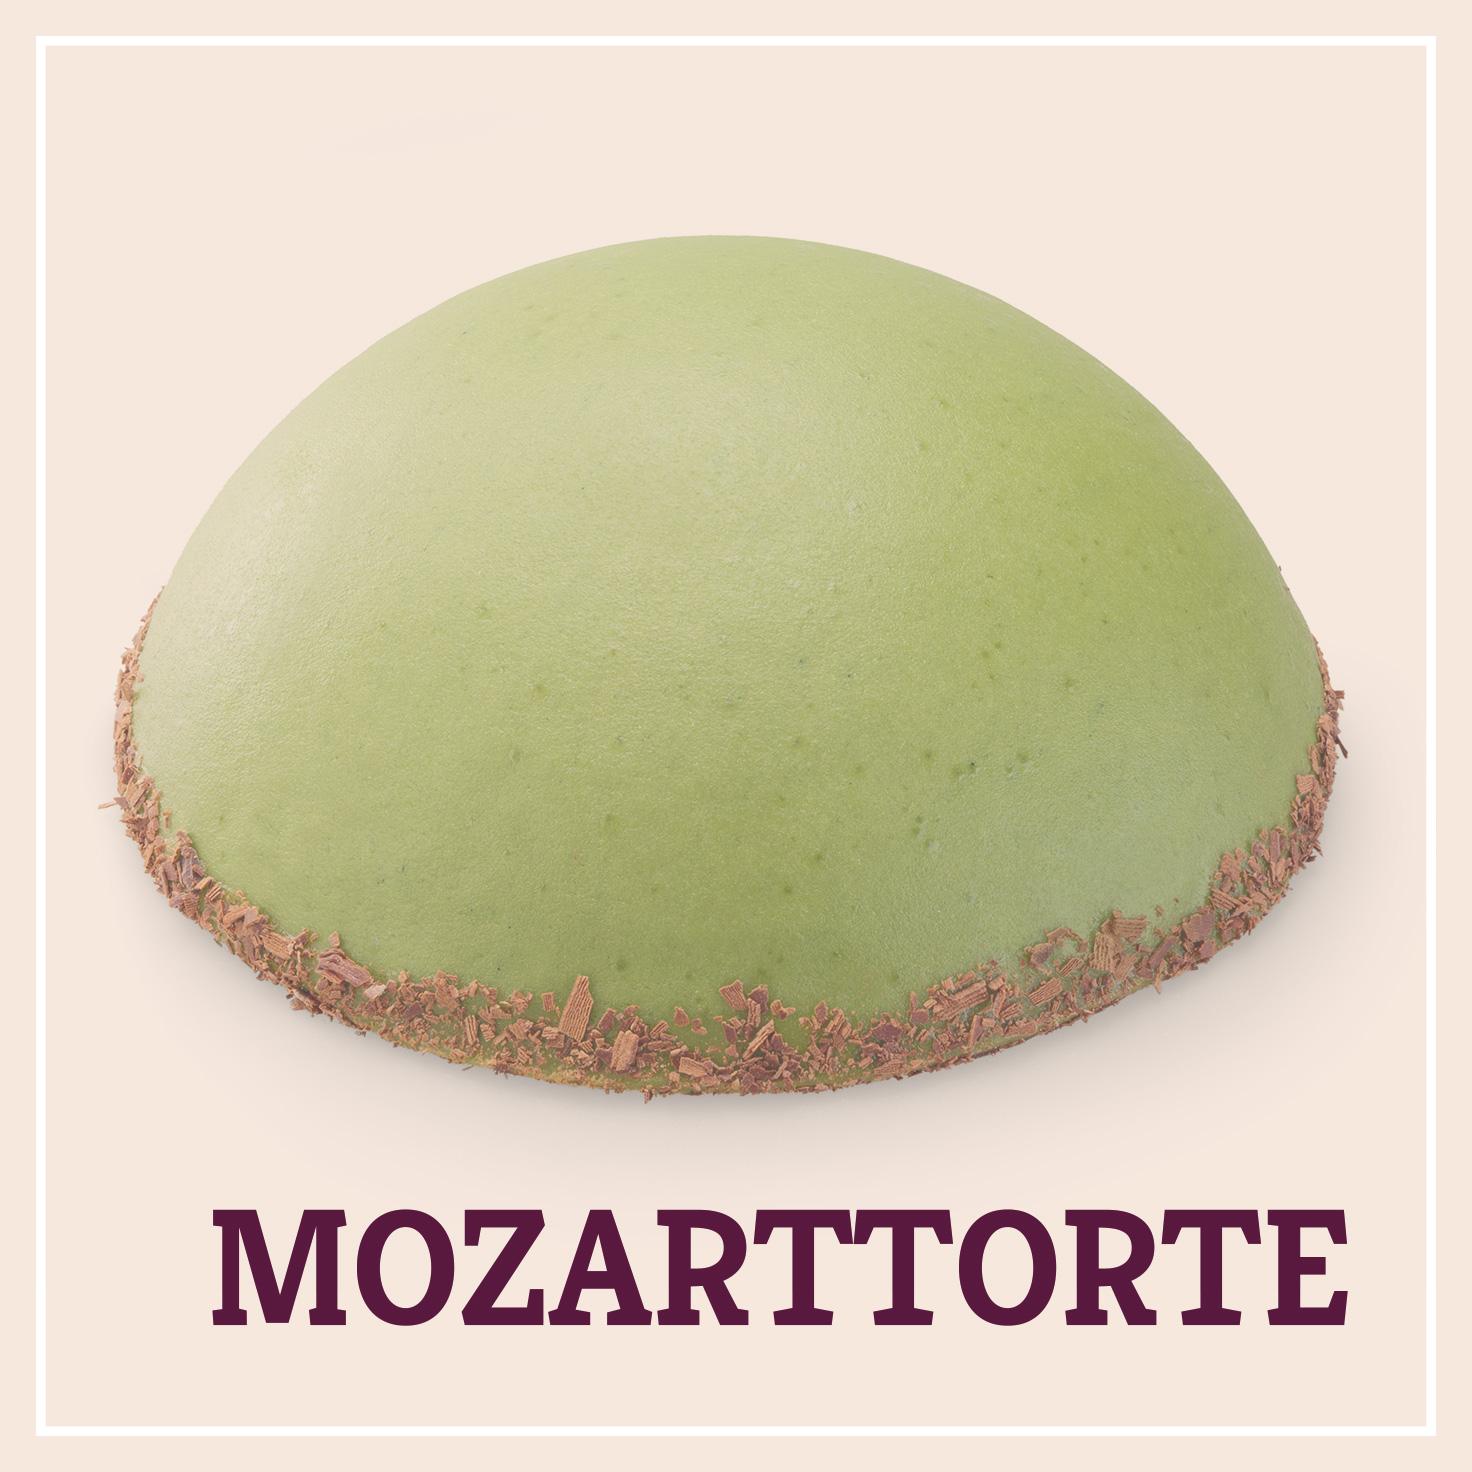 Heiss & Süß - Mozartorte